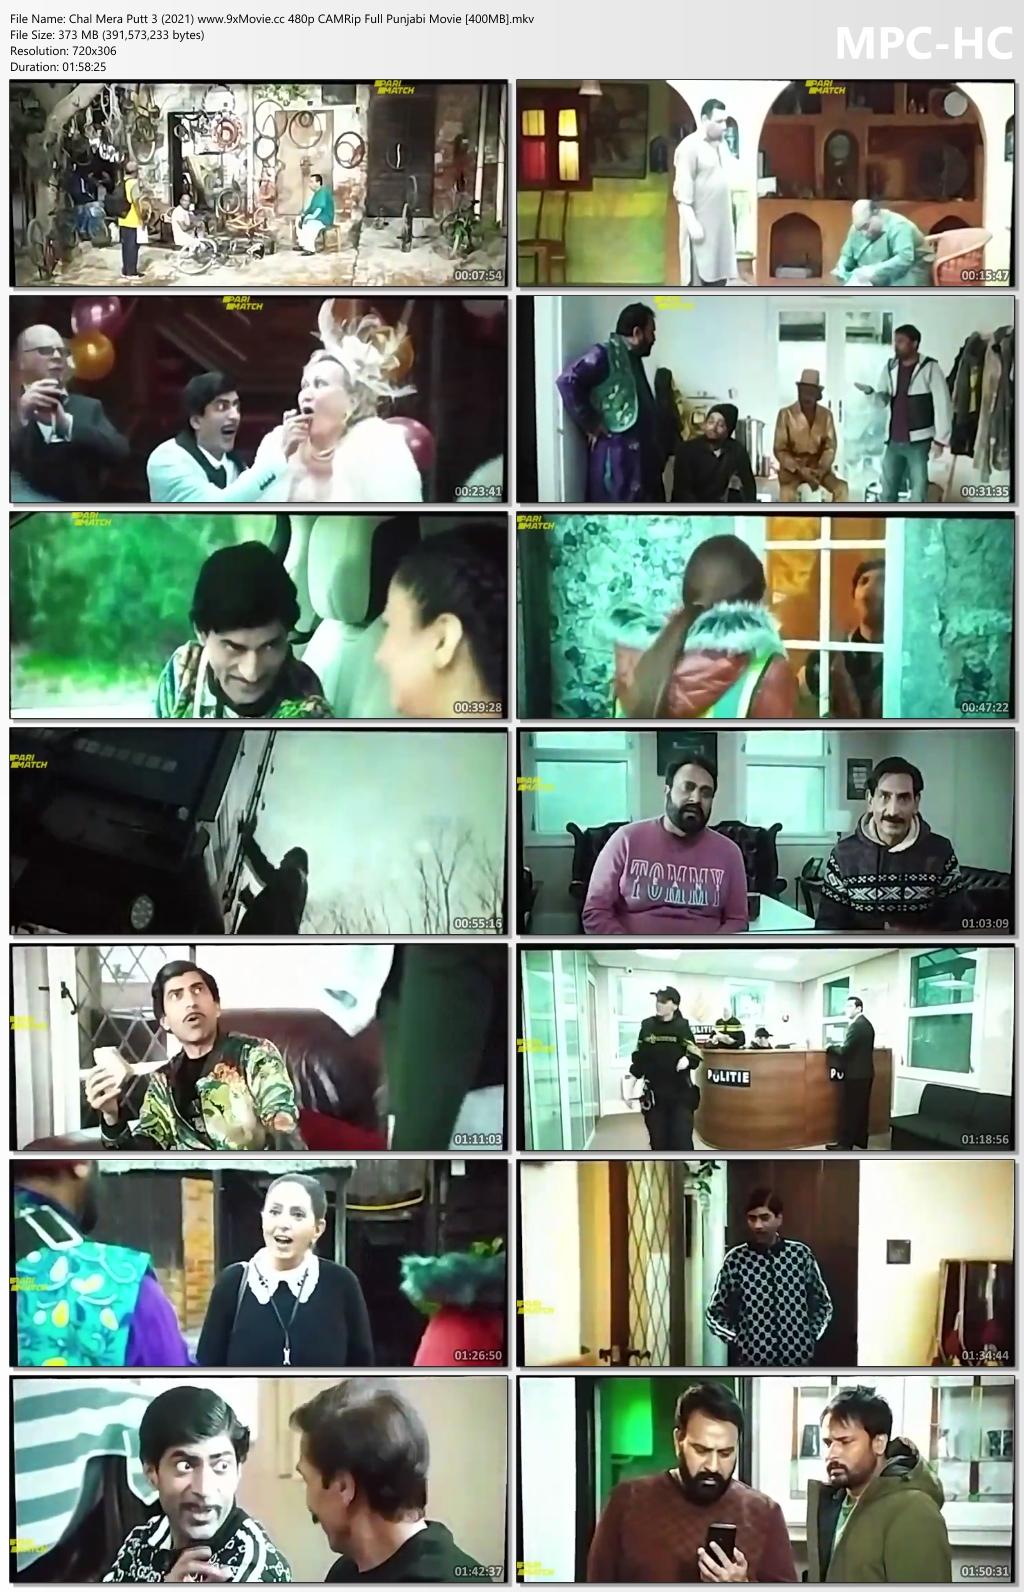 Chal-Mera-Putt-3-2021-www-9x-Movie-cc-480p-CAMRip-Full-Punjabi-Movie-400-MB-mkv